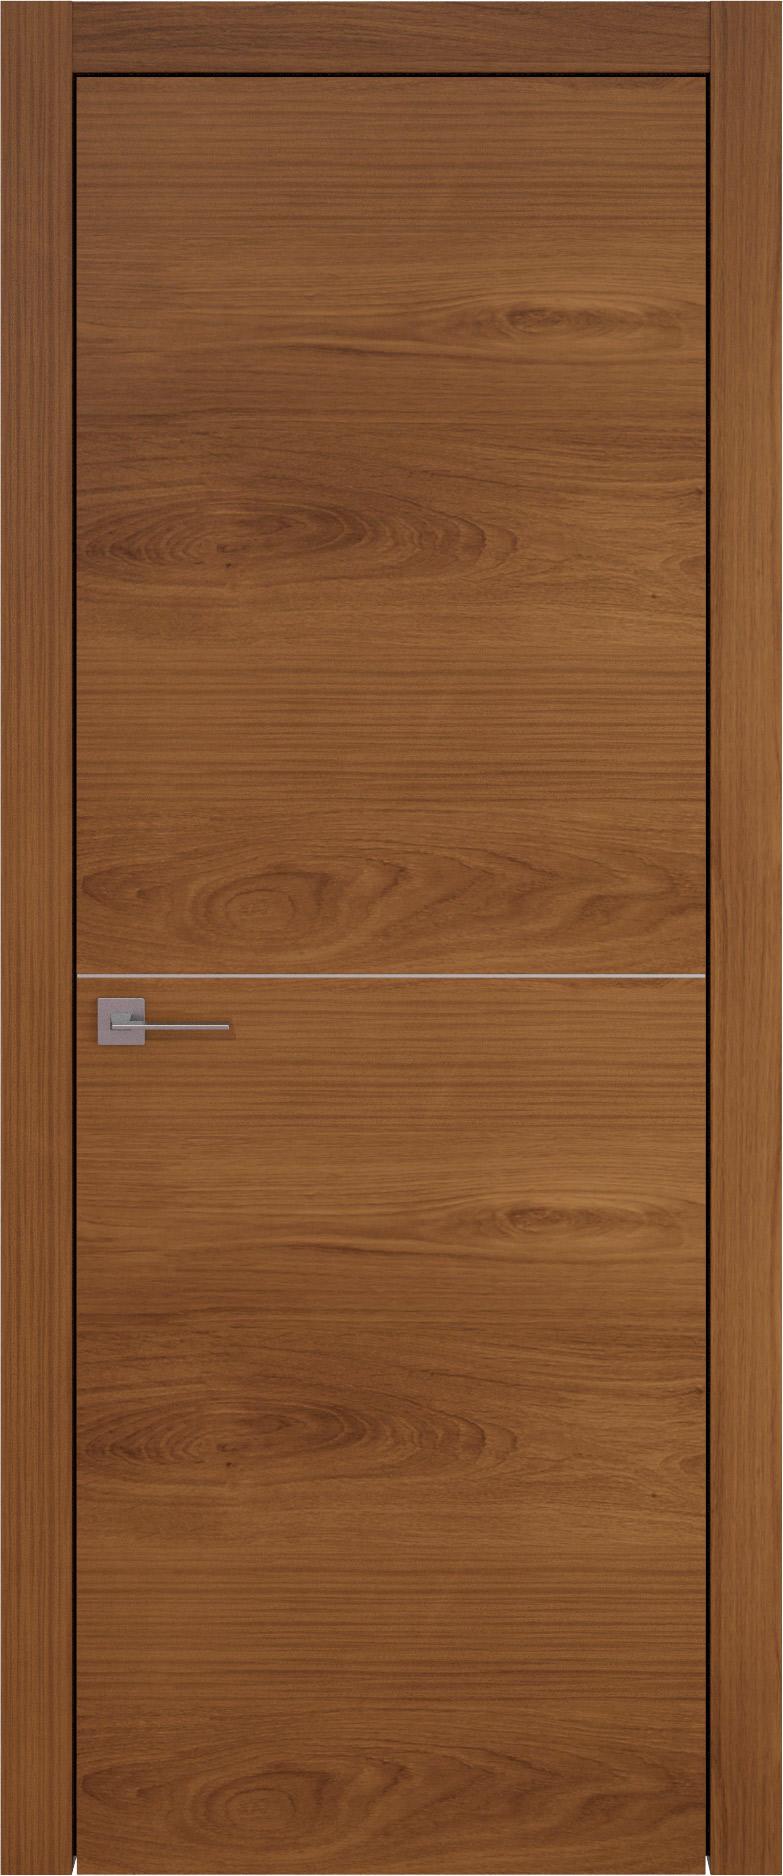 Tivoli Б-3 цвет - Итальянский орех Без стекла (ДГ)